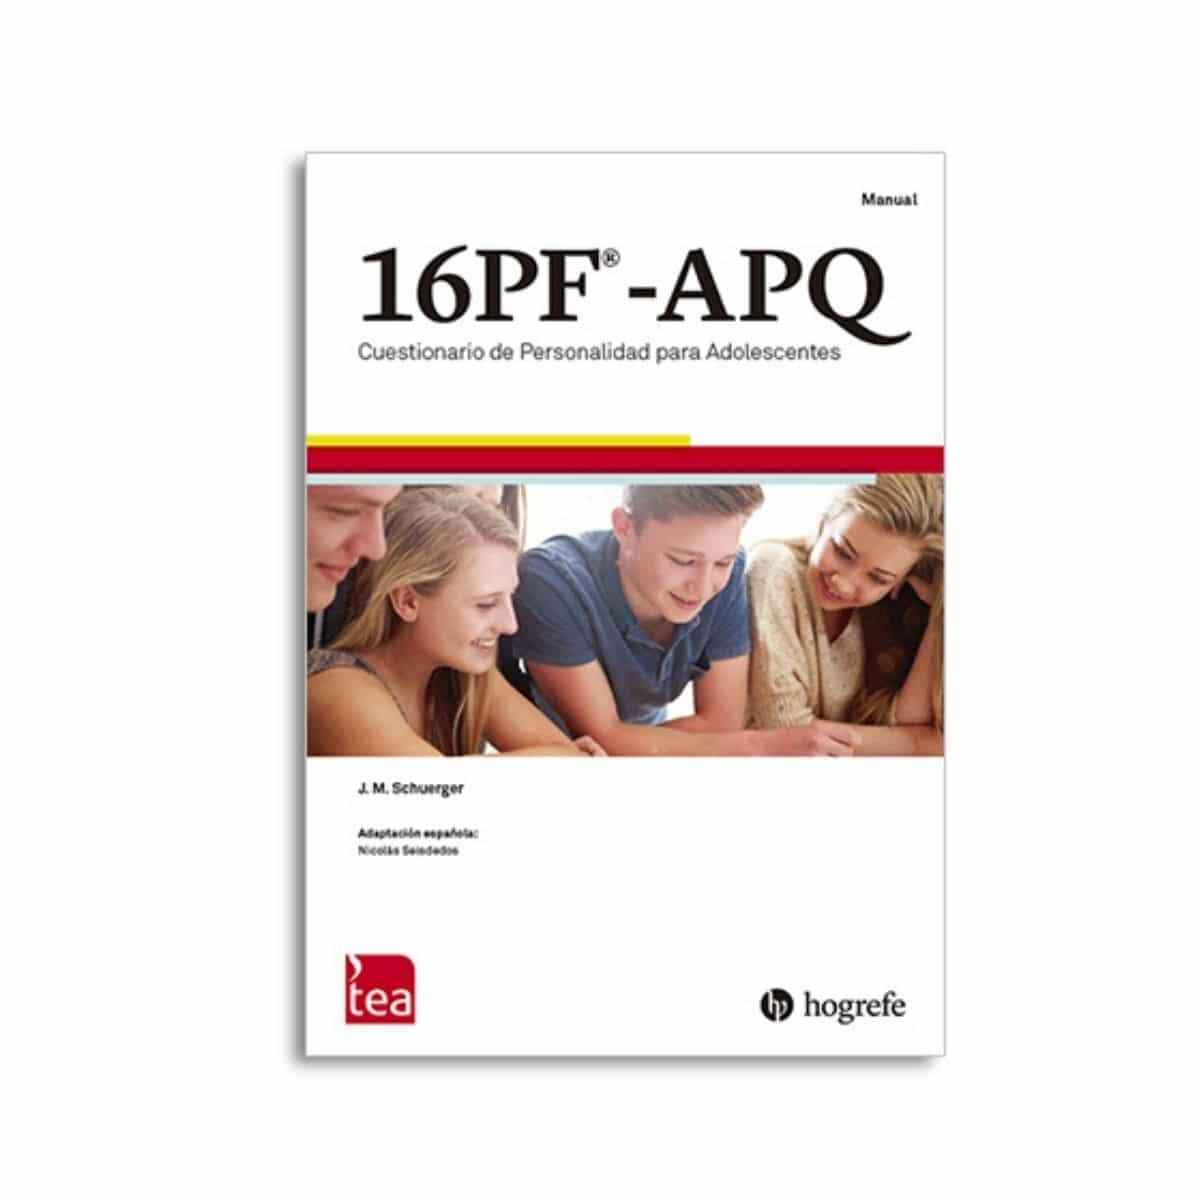 16PF-APQ Cuestionario de Personalidad para Adolescentes